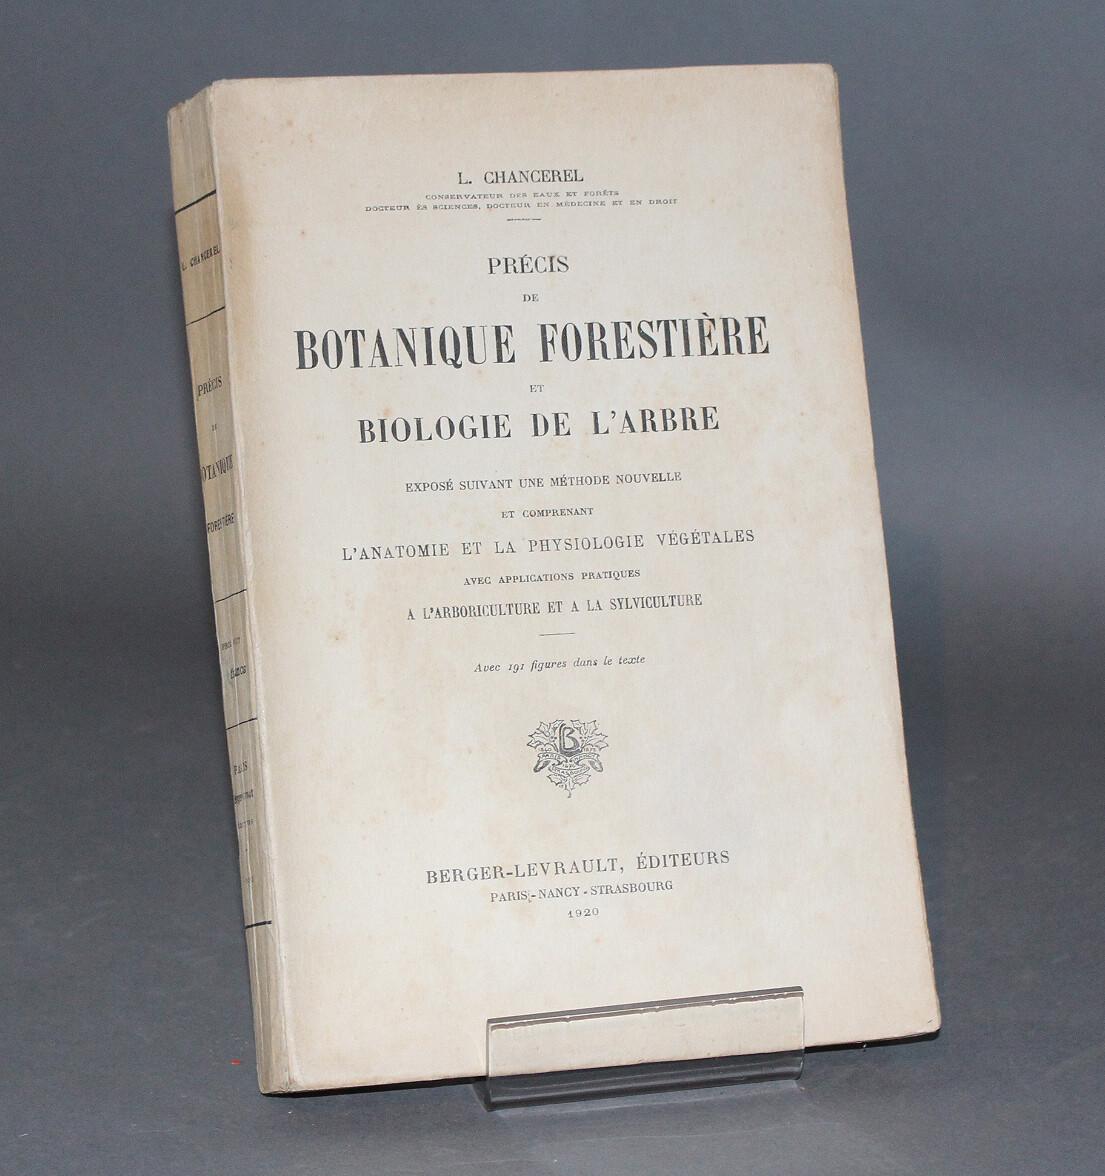 CHANCEREL.- Précis de botanique forestière et biologie de l'arbre, 1920. Édition originale.